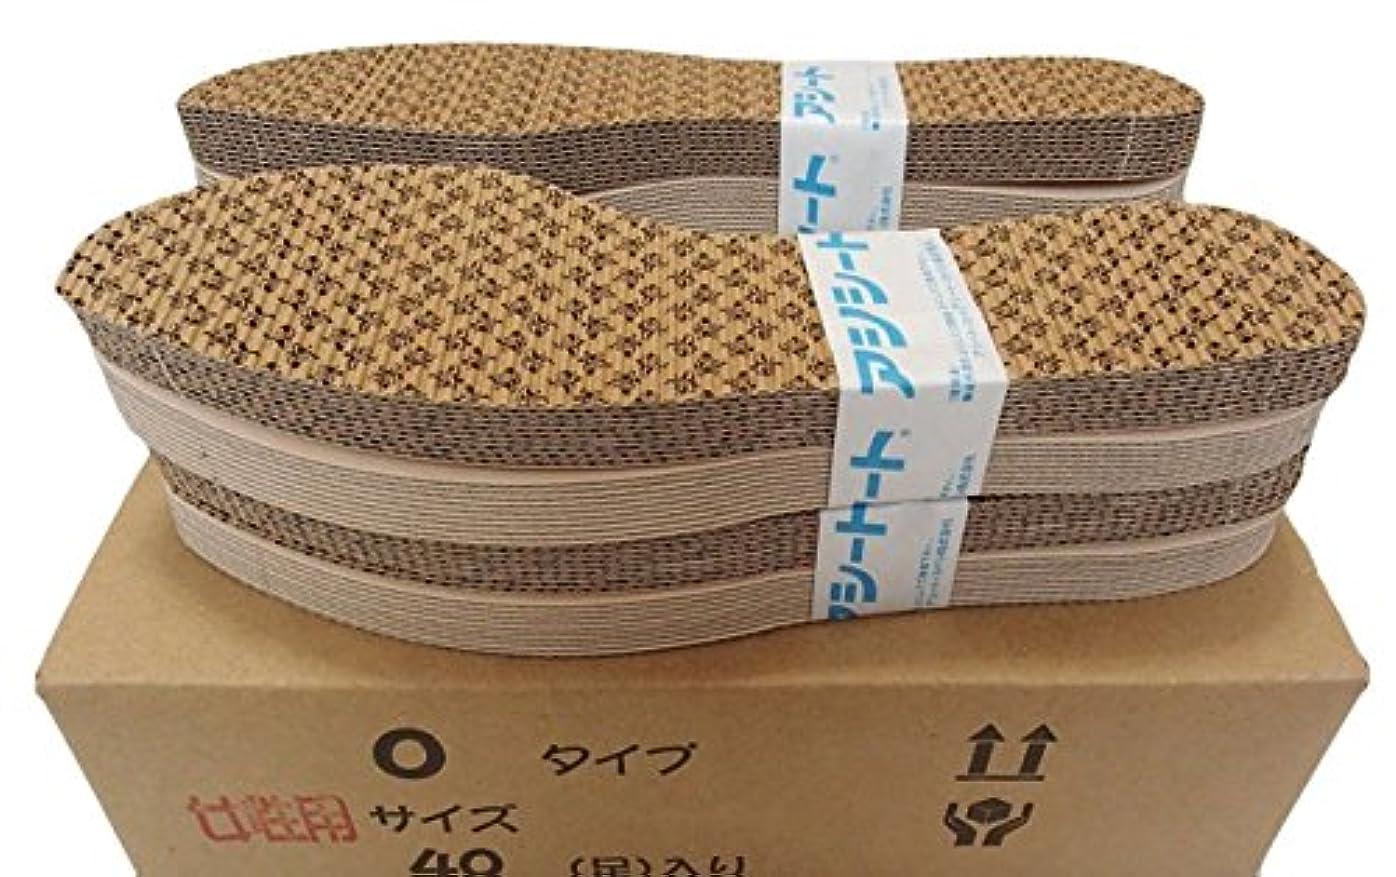 ジョブスリチンモイ吸い込むお徳用タイプのアシートOタイプ40足入 (23.5~24cm 女性靴用)